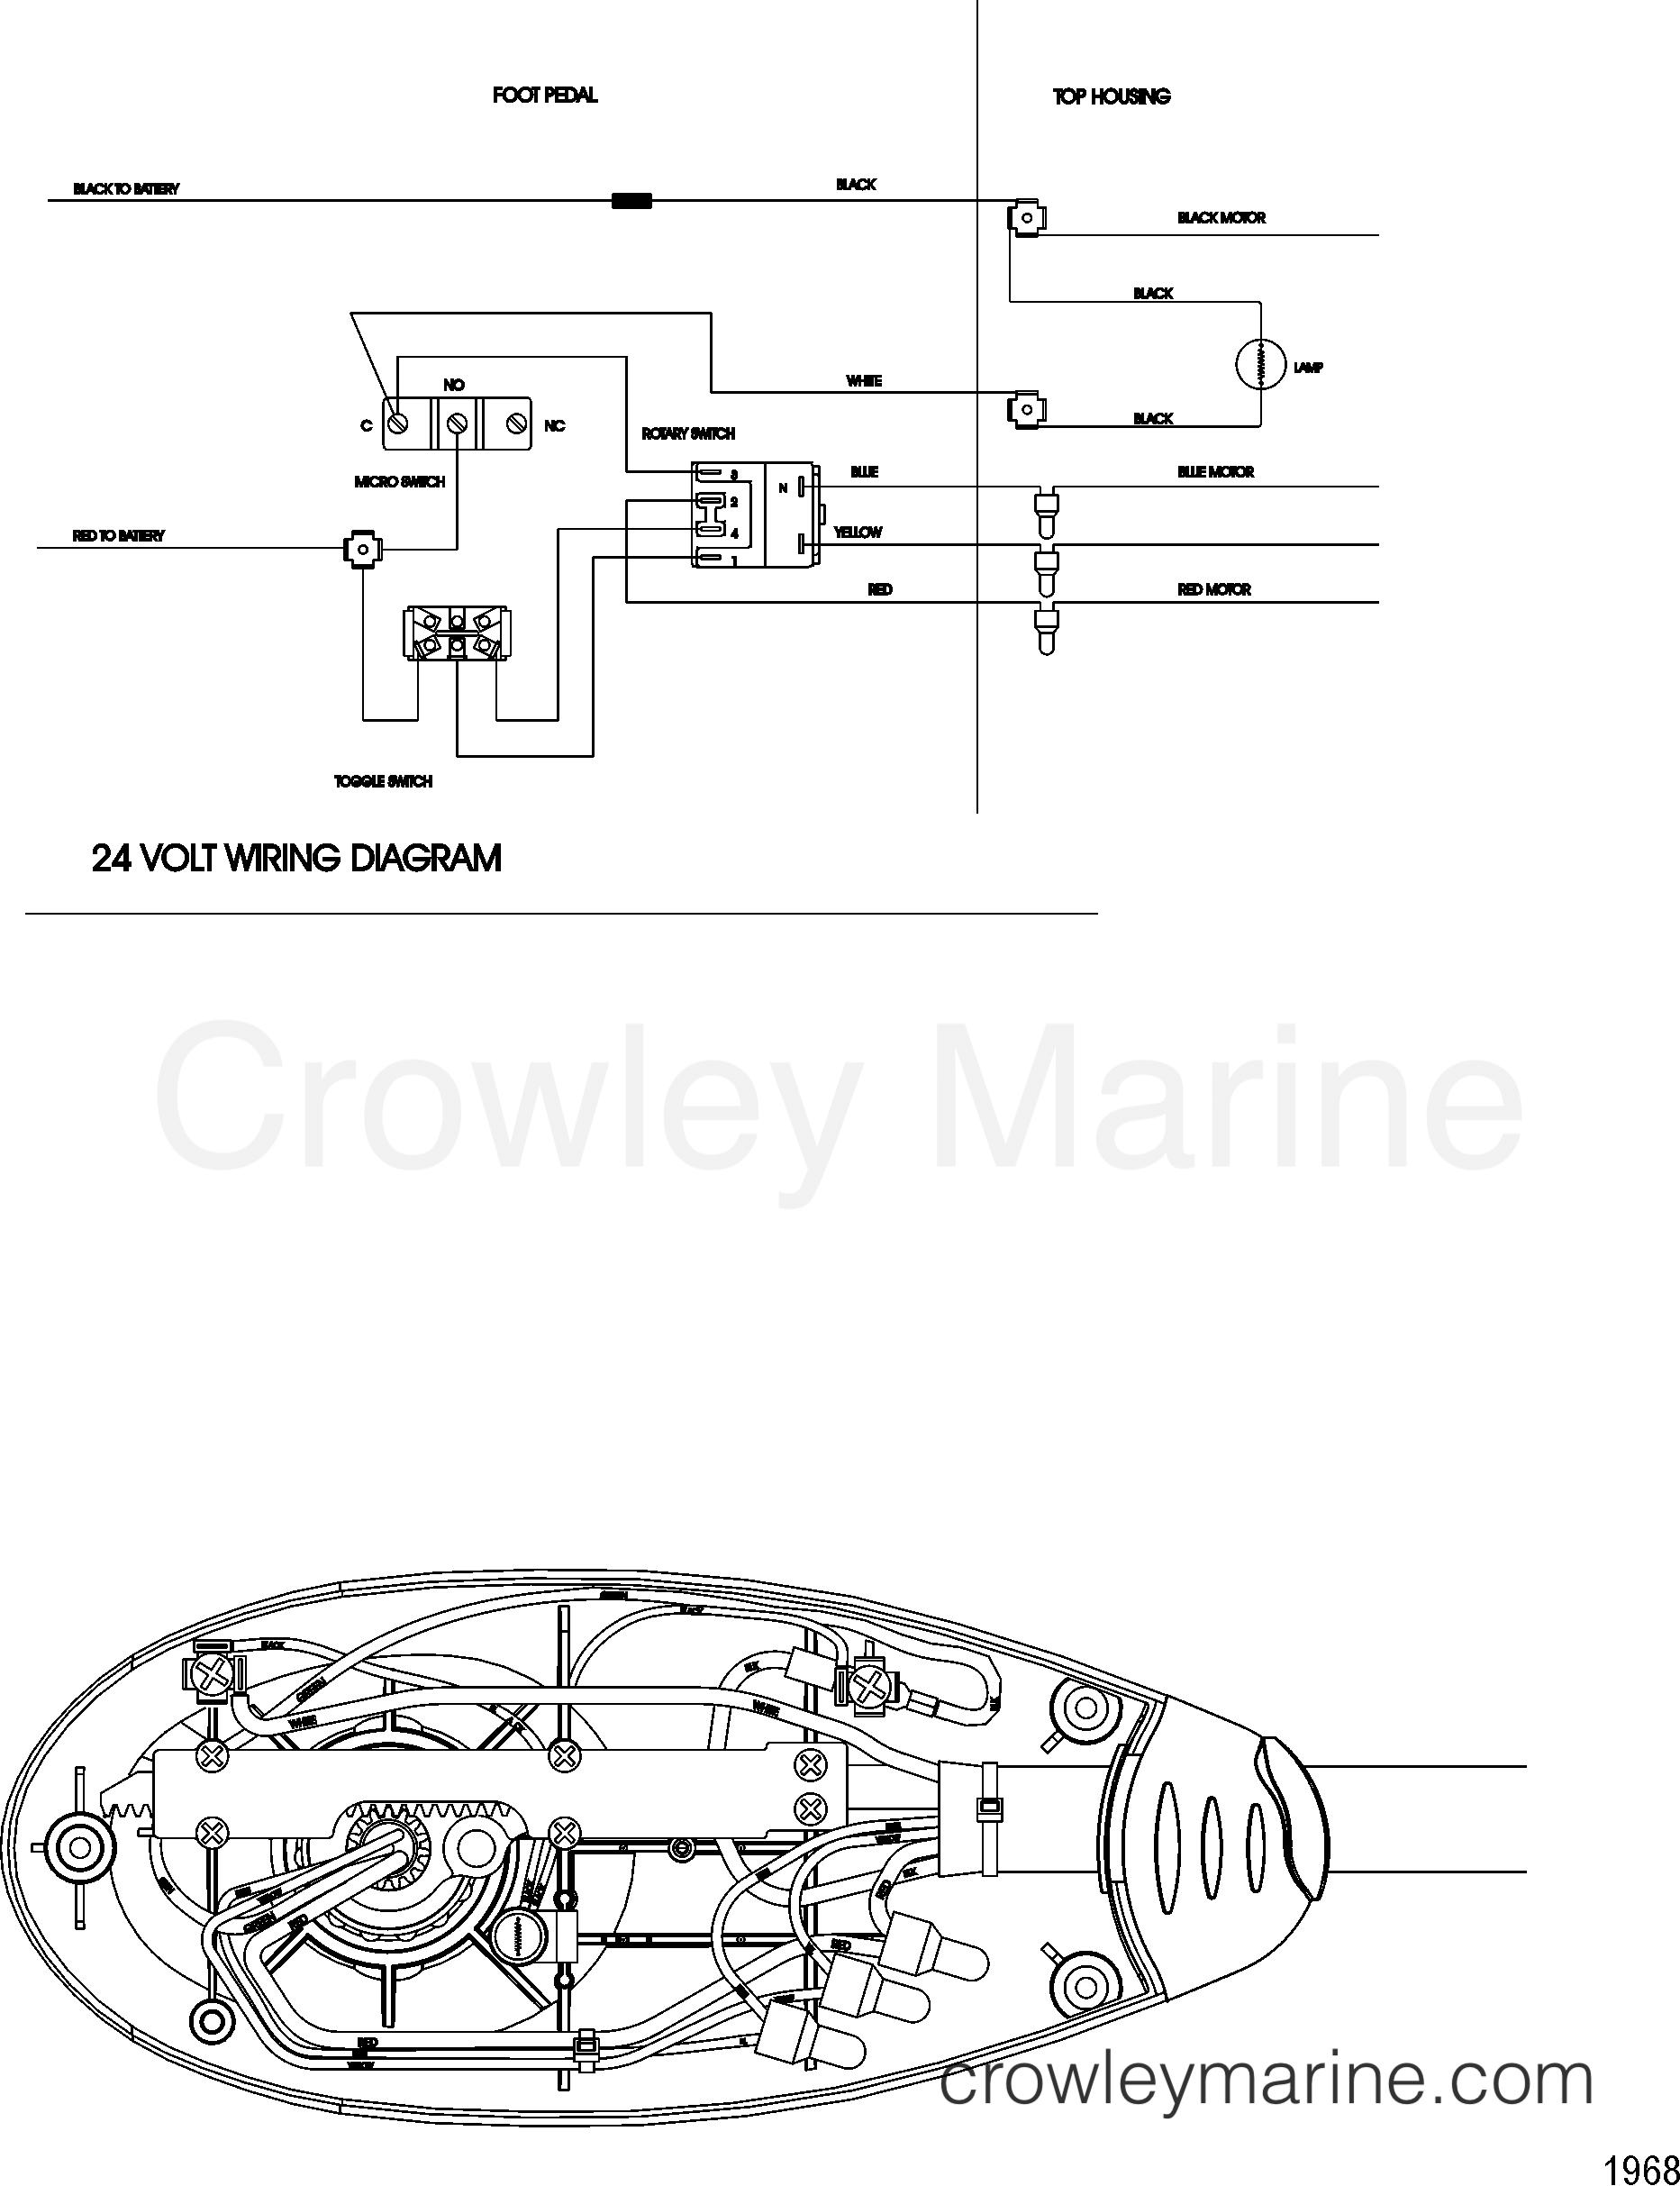 2003 MotorGuide 12V [MOTORGUIDE] - 9BE31EBAF WIRE DIAGRAM(MODEL FW71FB) section